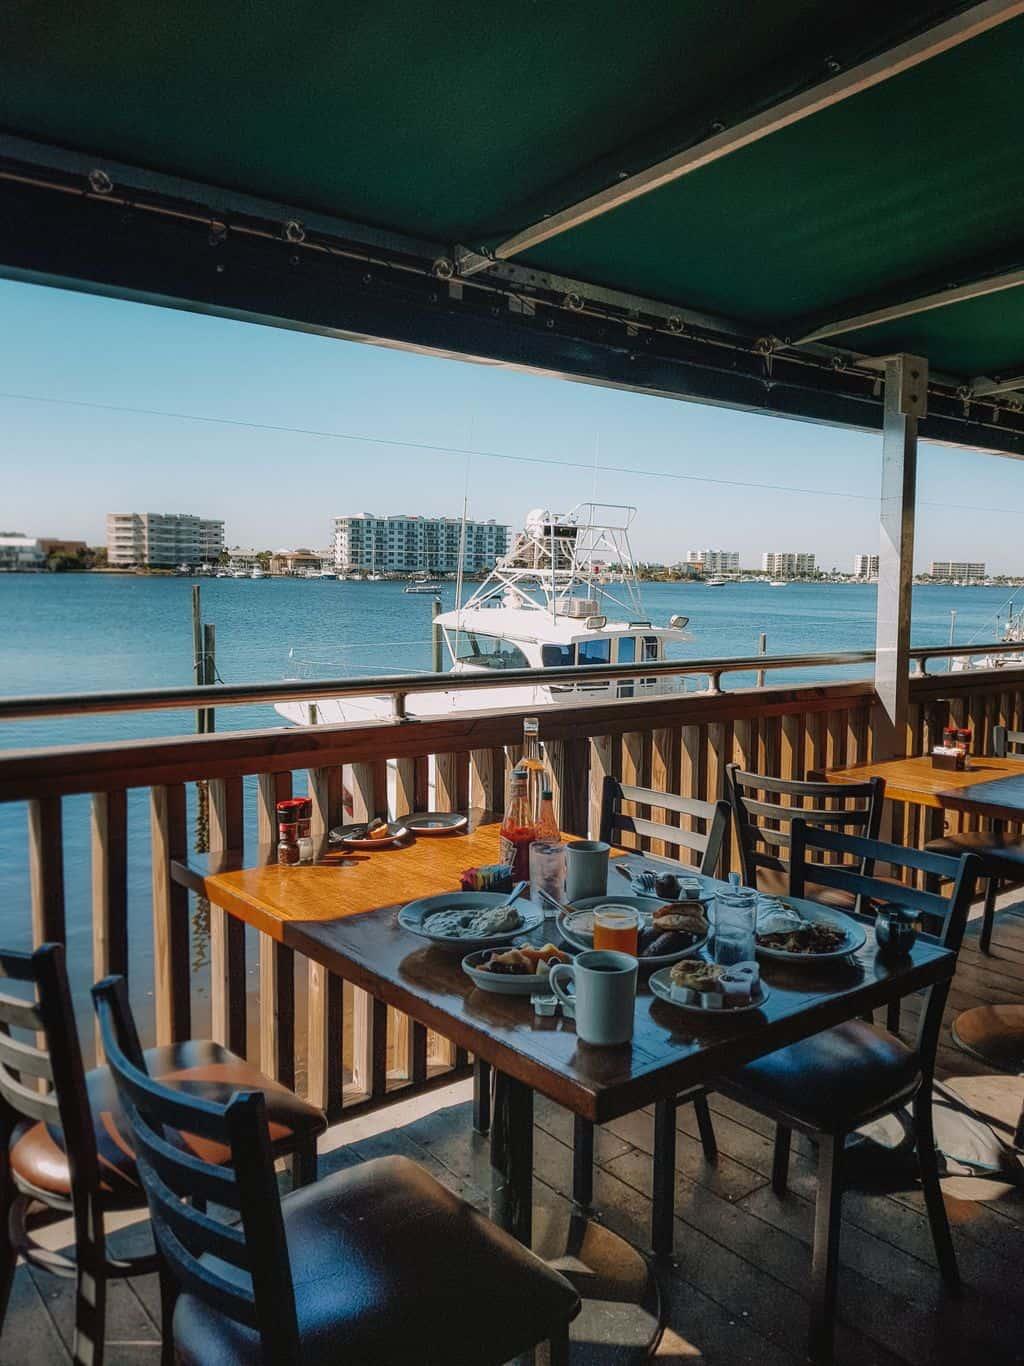 Harbor Docks Destin Florida The Cutlery Chronicles